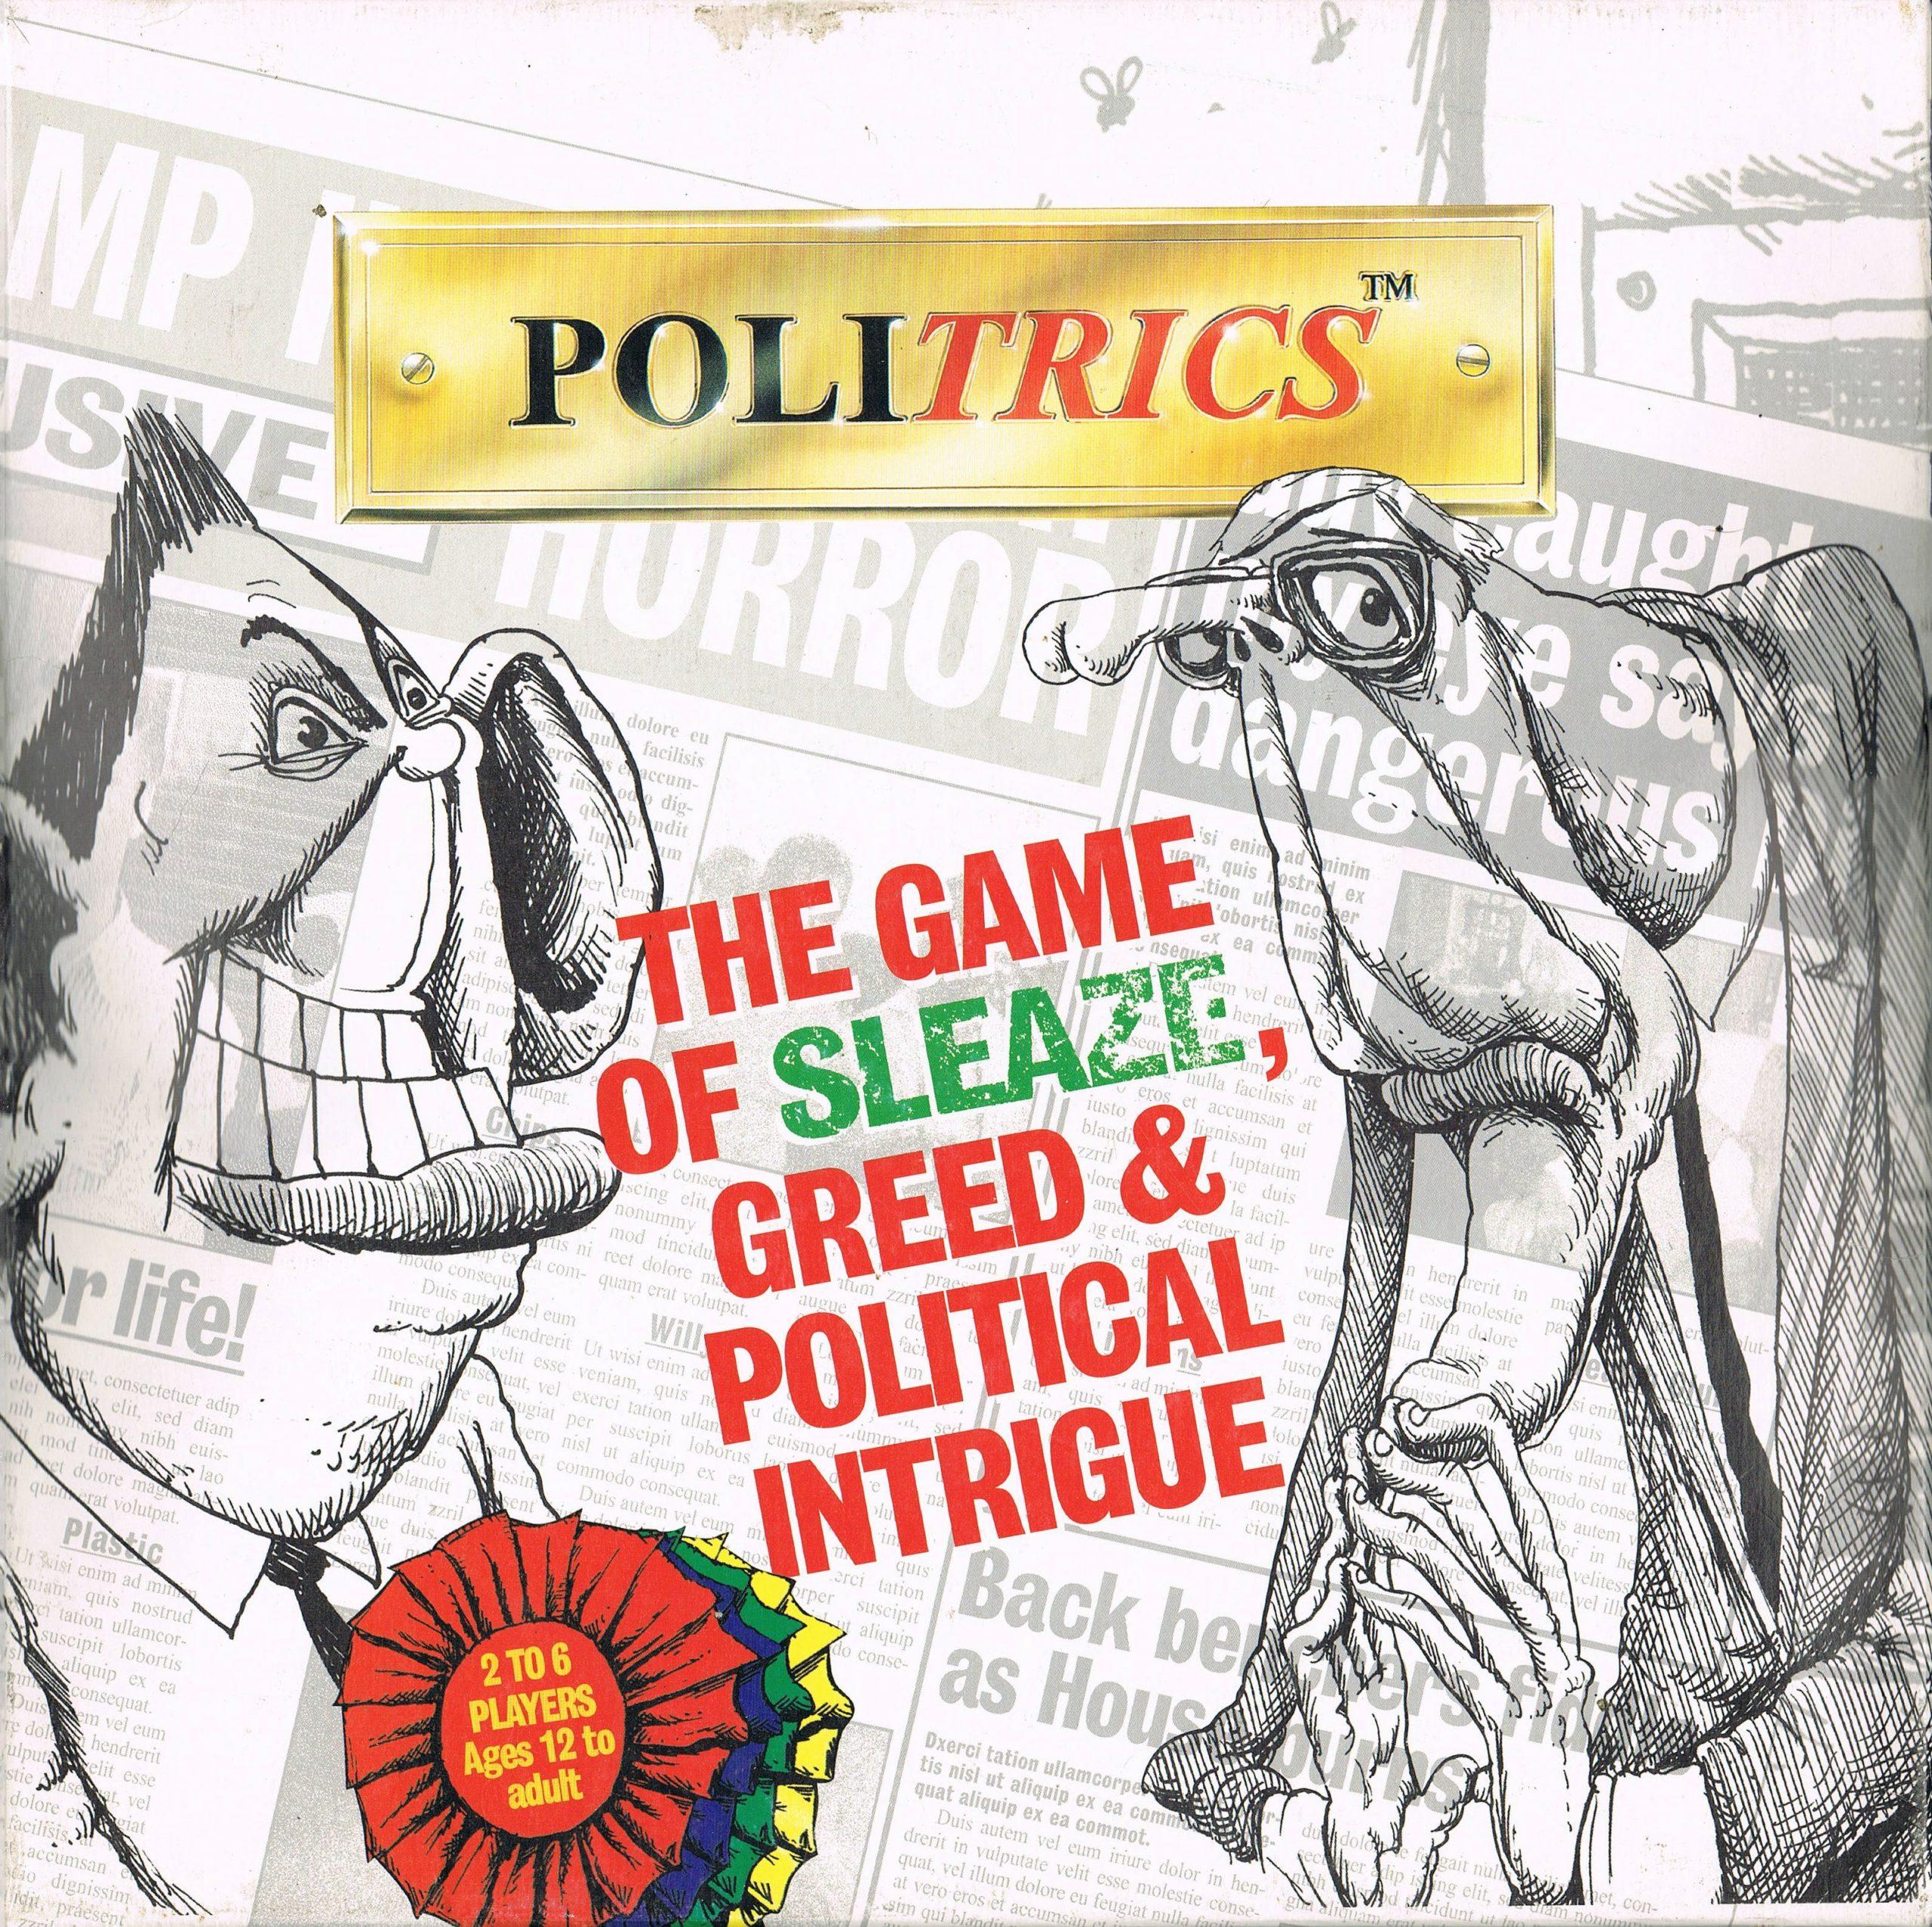 настольная игра Politrics